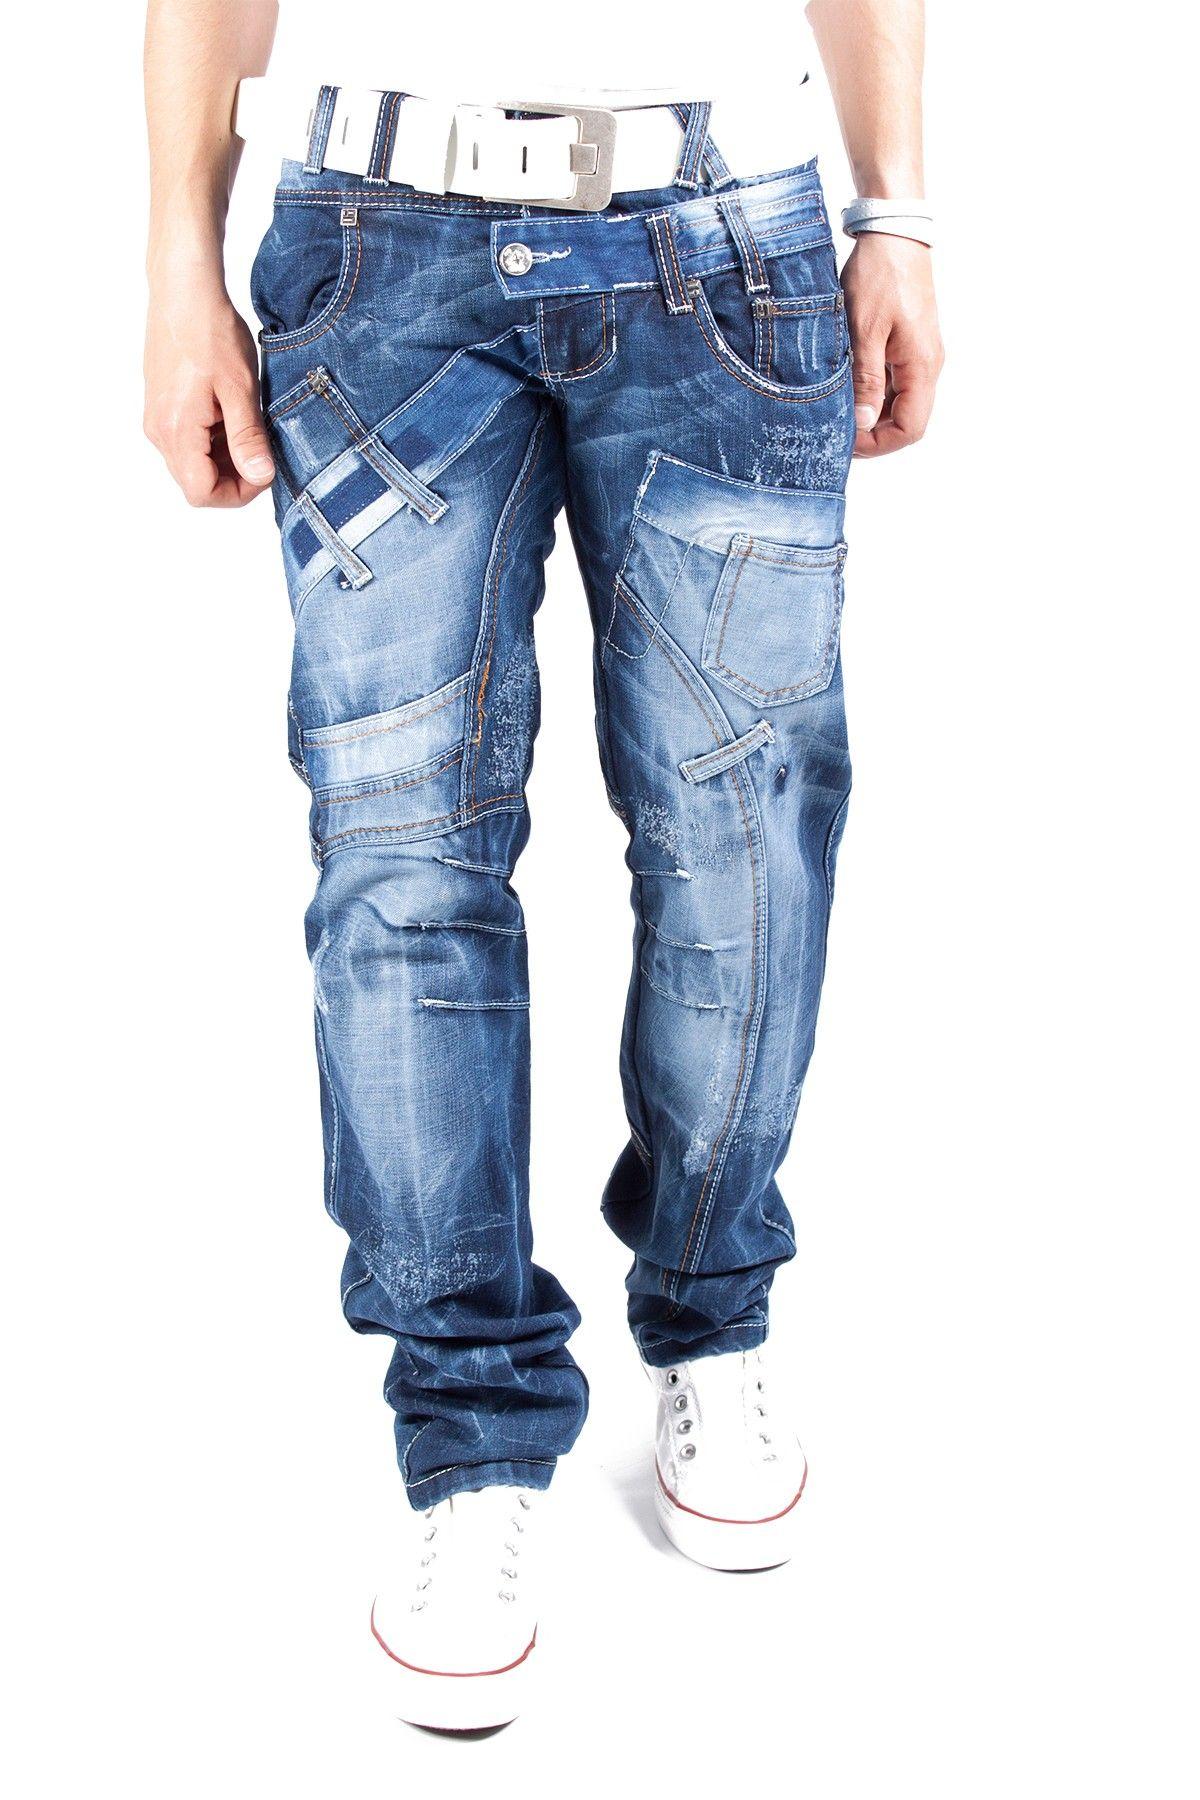 Kosmo Lupo Jeans Blau Km253 1S1H.DE - www.1s1h.de kosmo-lupo-jeans ... e2534c276a